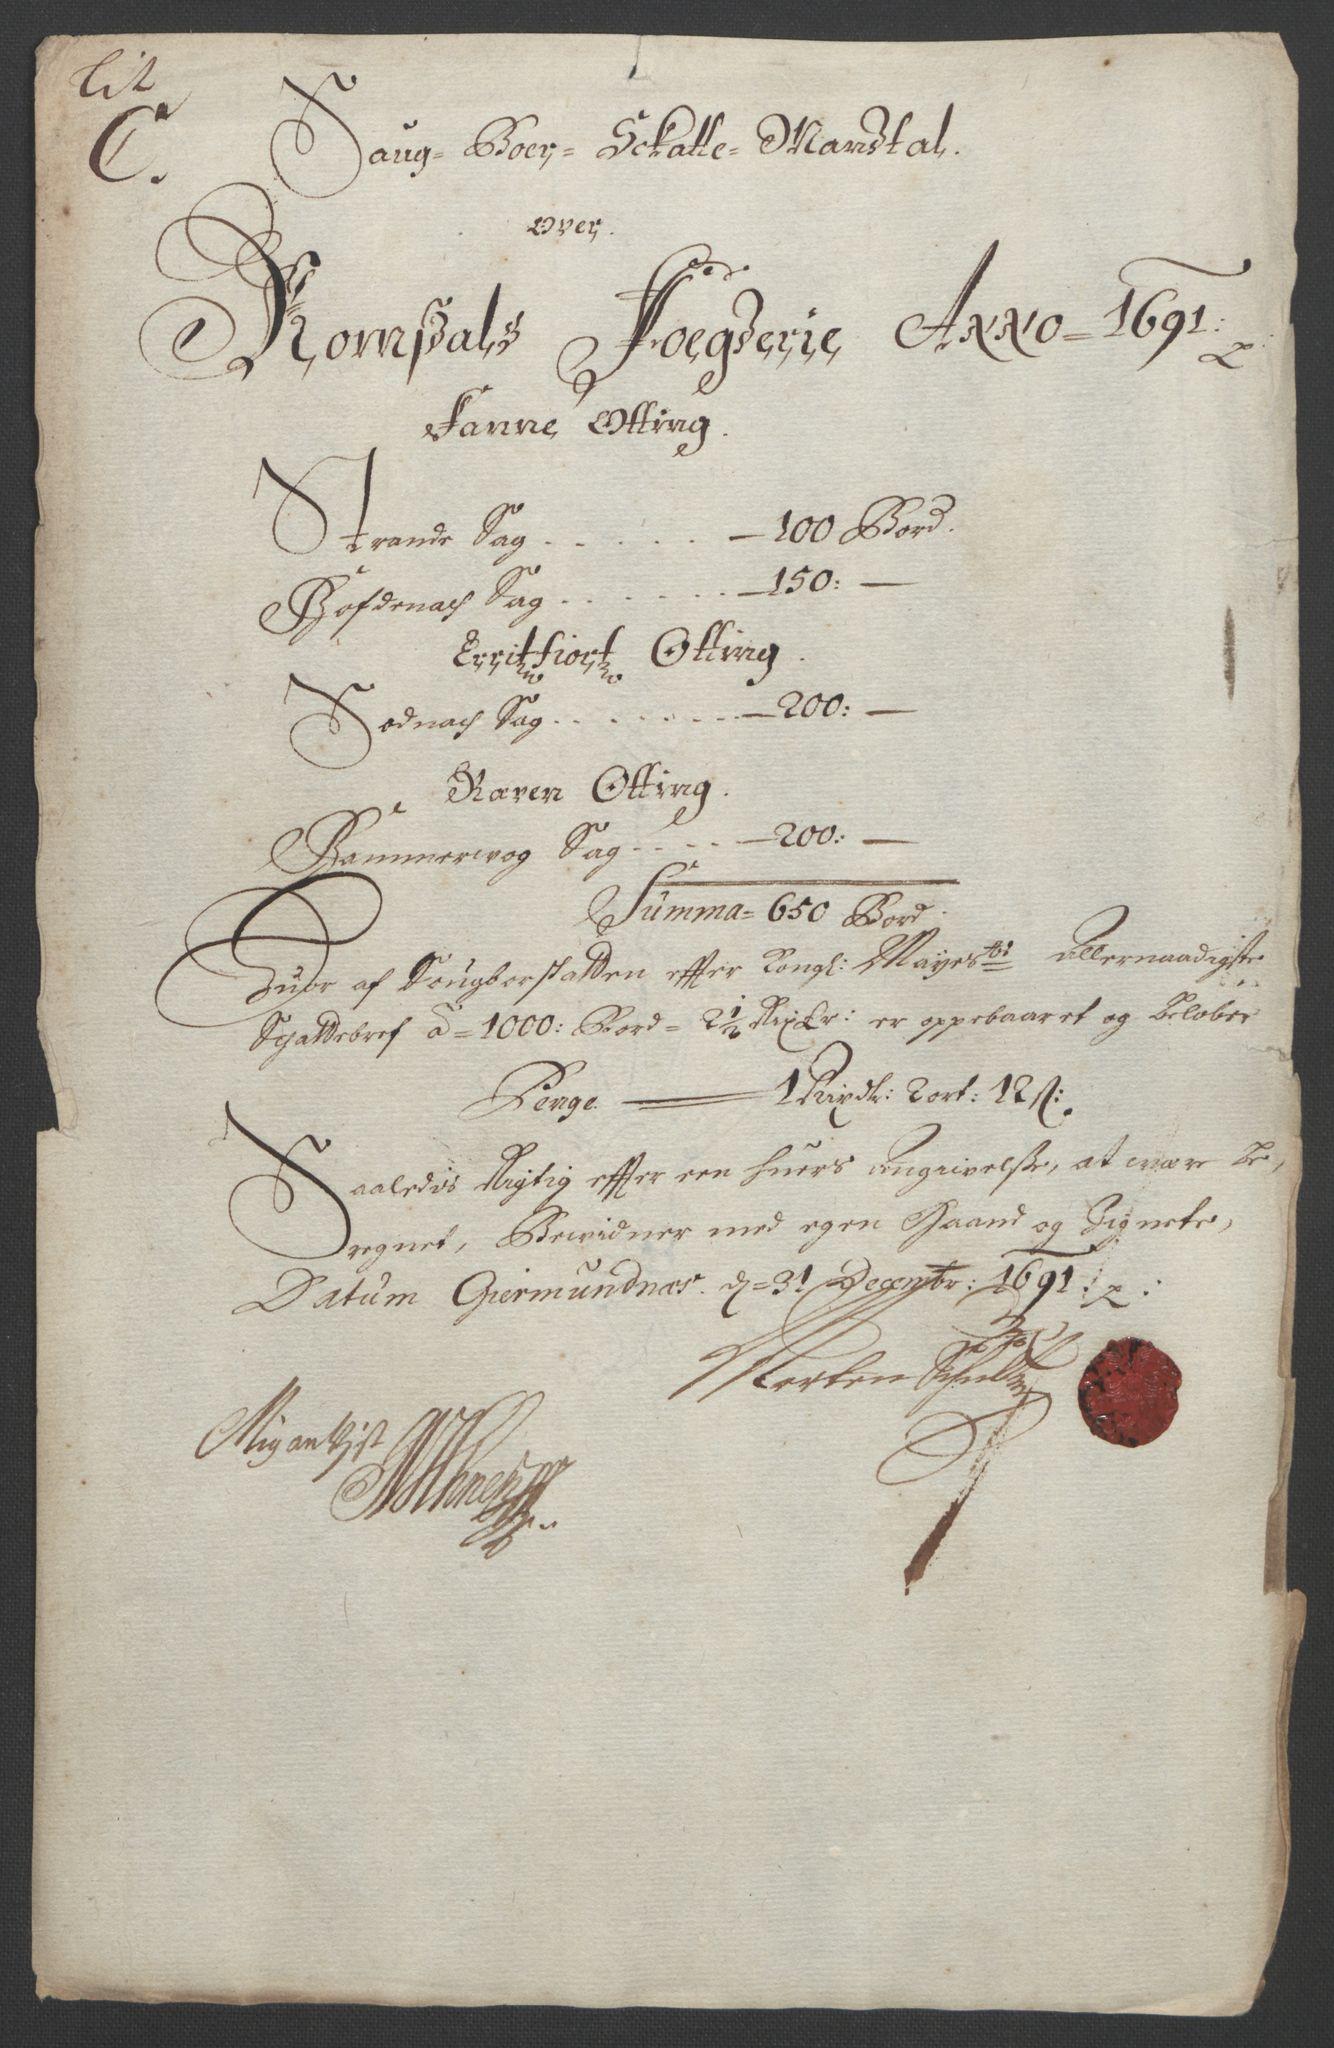 RA, Rentekammeret inntil 1814, Reviderte regnskaper, Fogderegnskap, R55/L3649: Fogderegnskap Romsdal, 1690-1691, s. 252